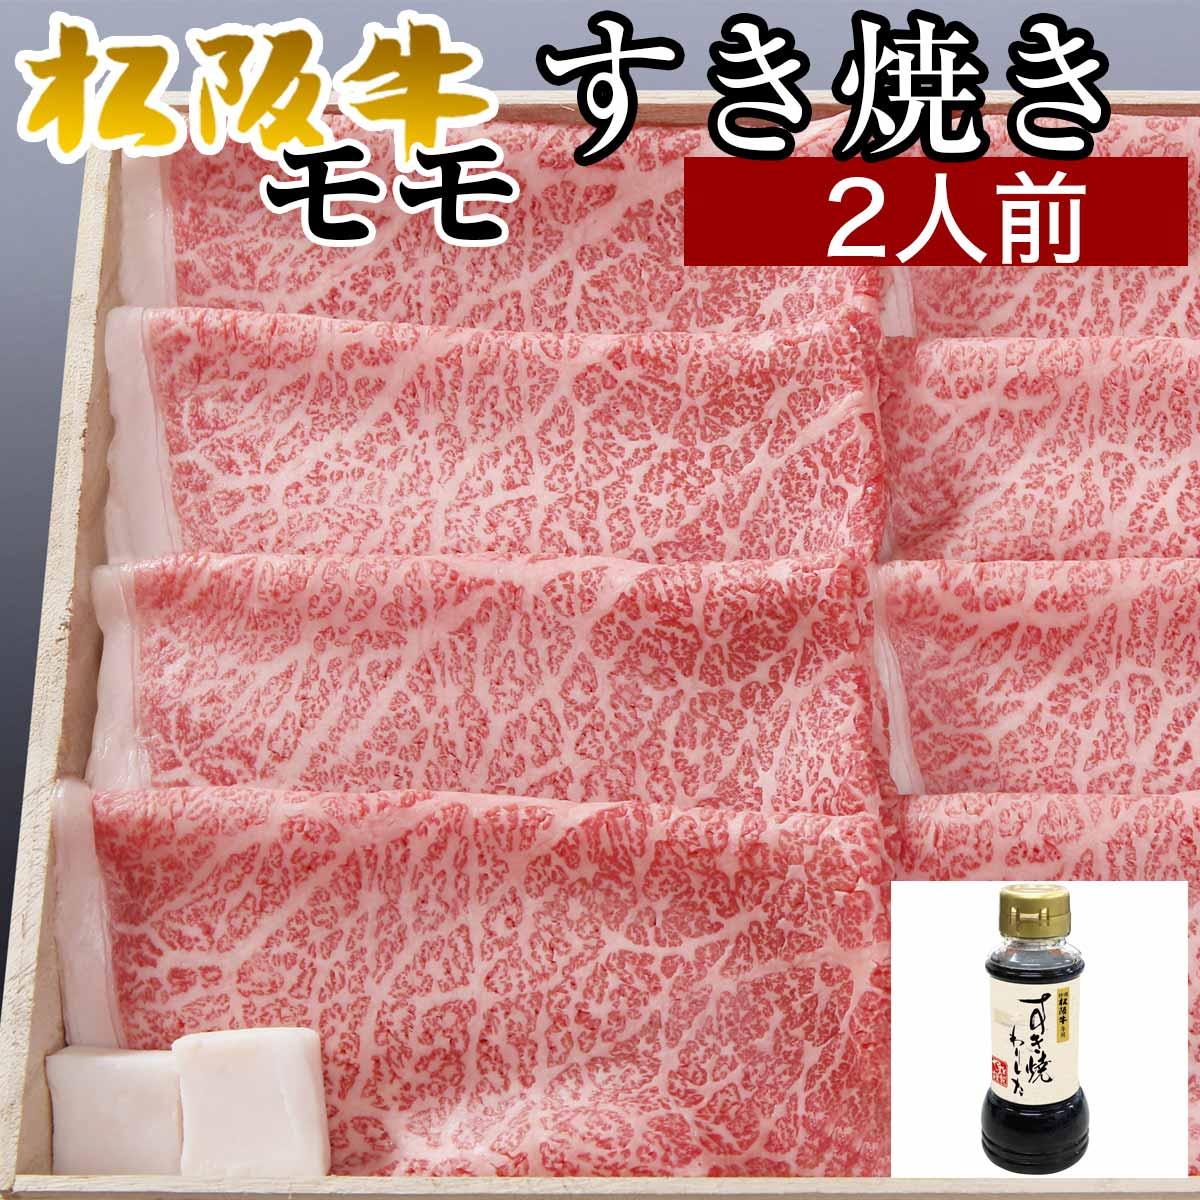 松阪牛モモ鉄板焼き用700g